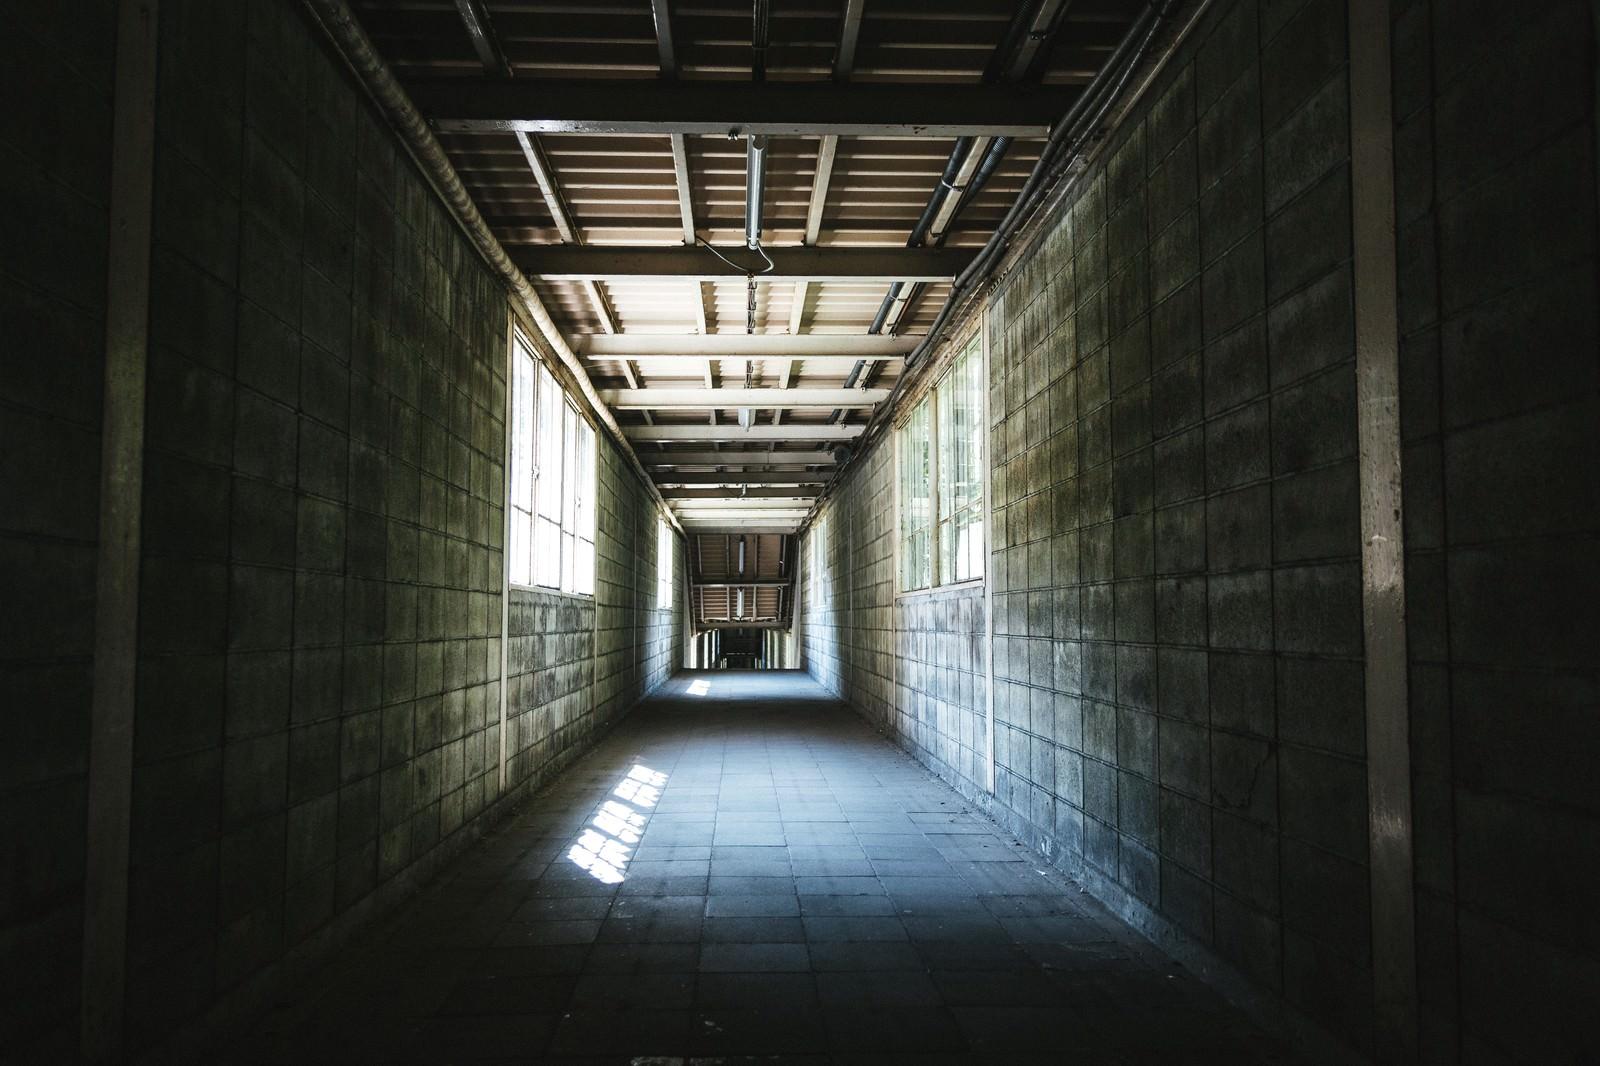 「ブロック塀で覆われる土合駅の通路ブロック塀で覆われる土合駅の通路」のフリー写真素材を拡大